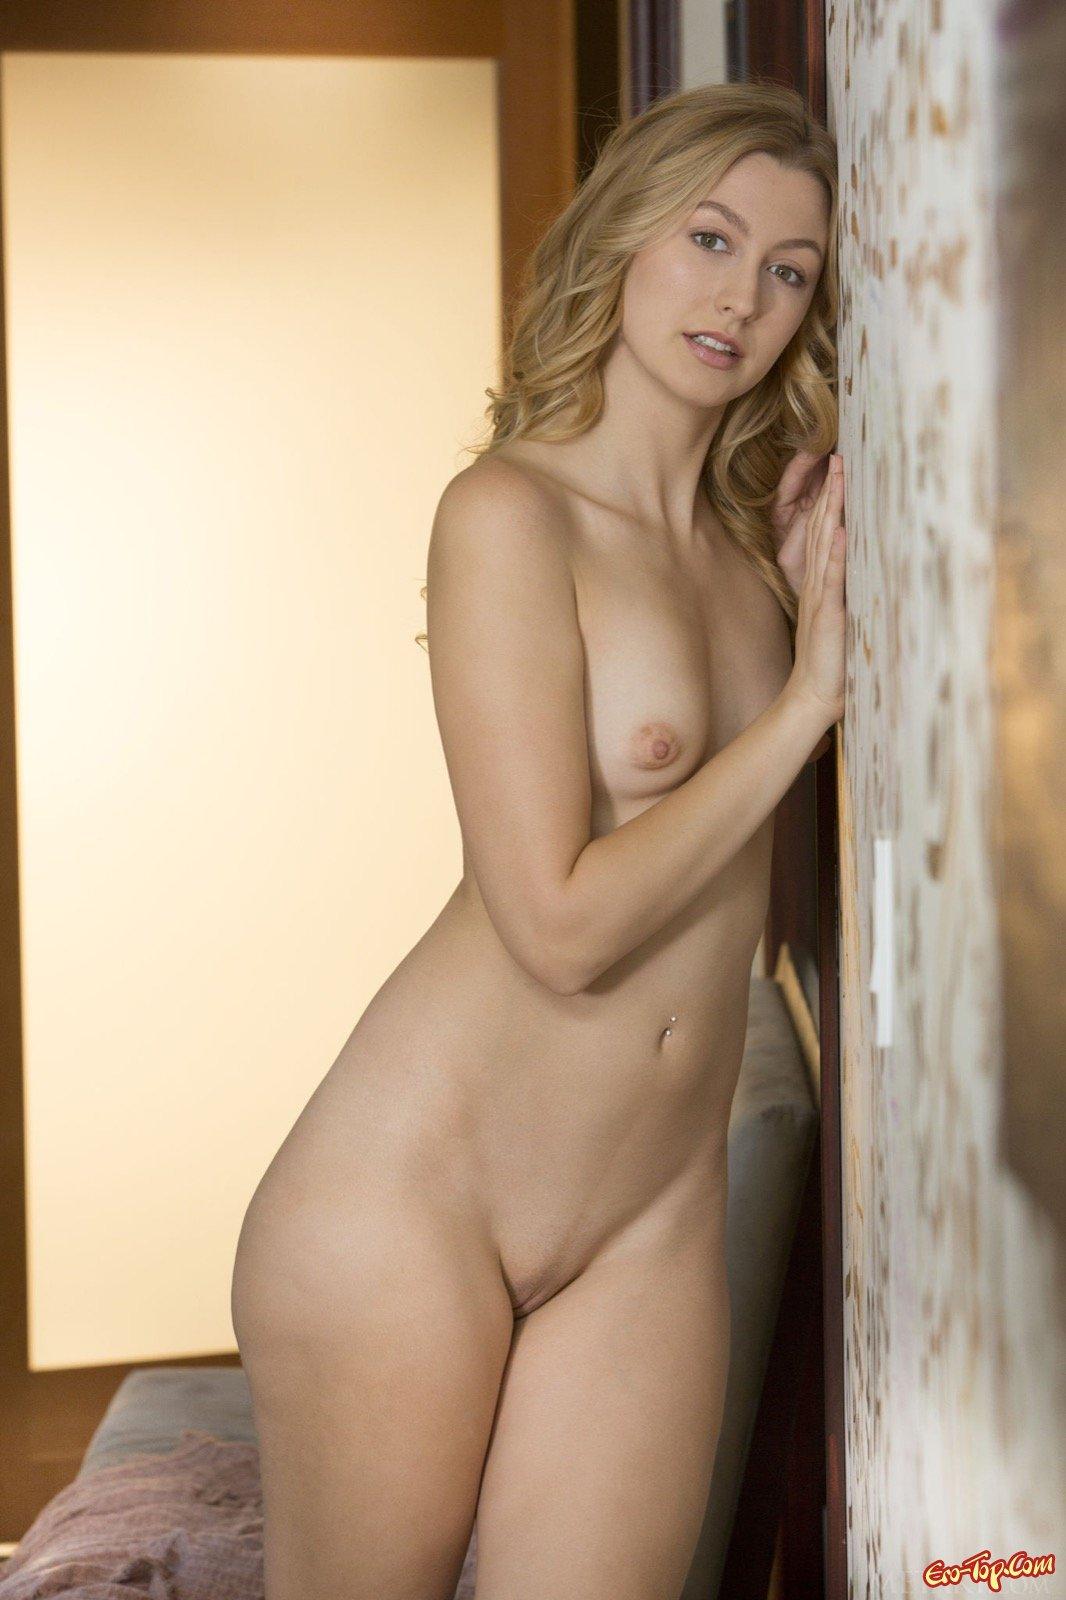 Блондинка в шортиках показала маленькую грудь